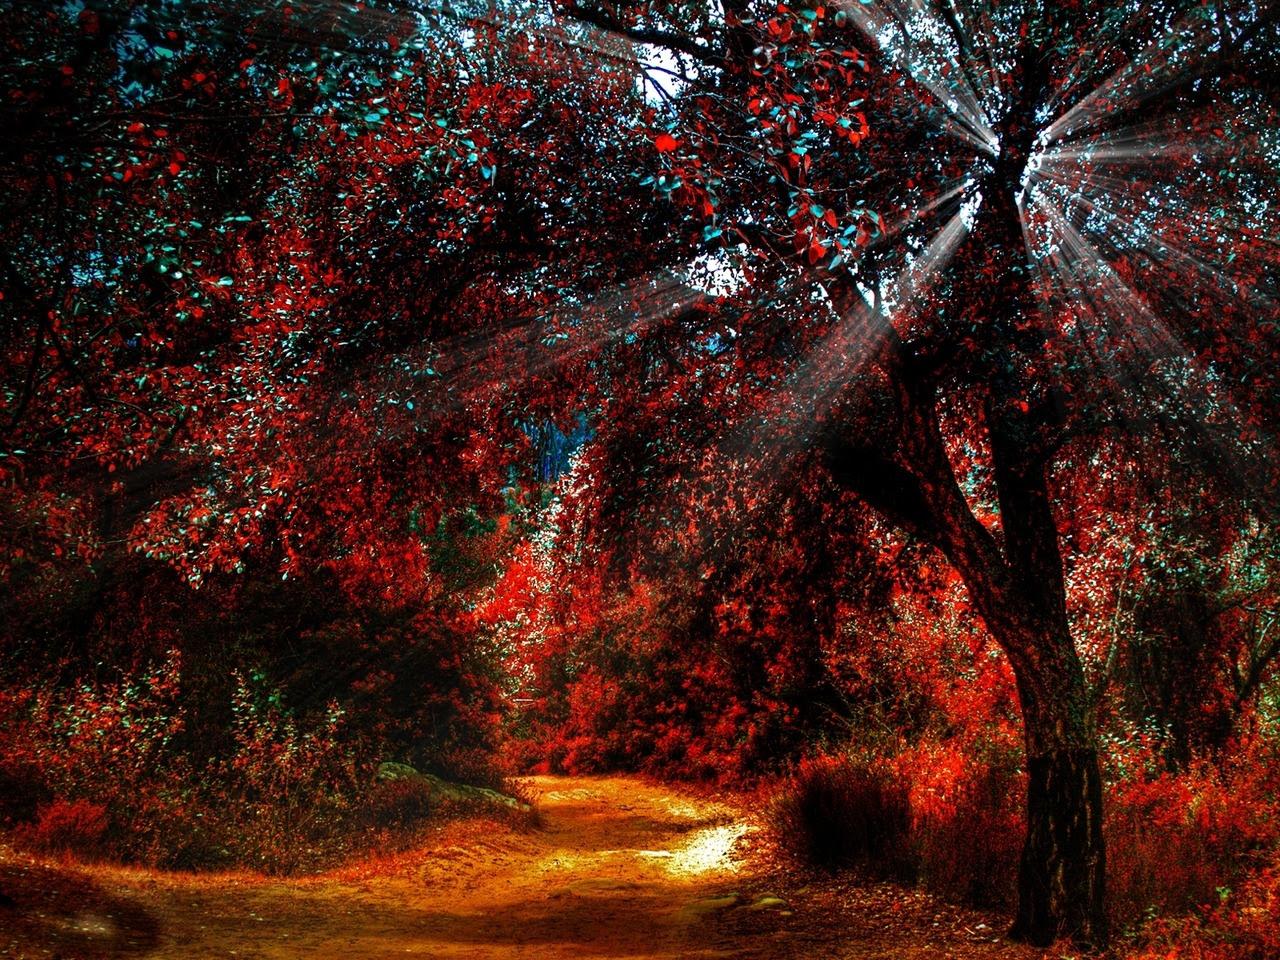 http://24.media.tumblr.com/tumblr_mdqsyu22aN1r1wmcto1_1280.jpg